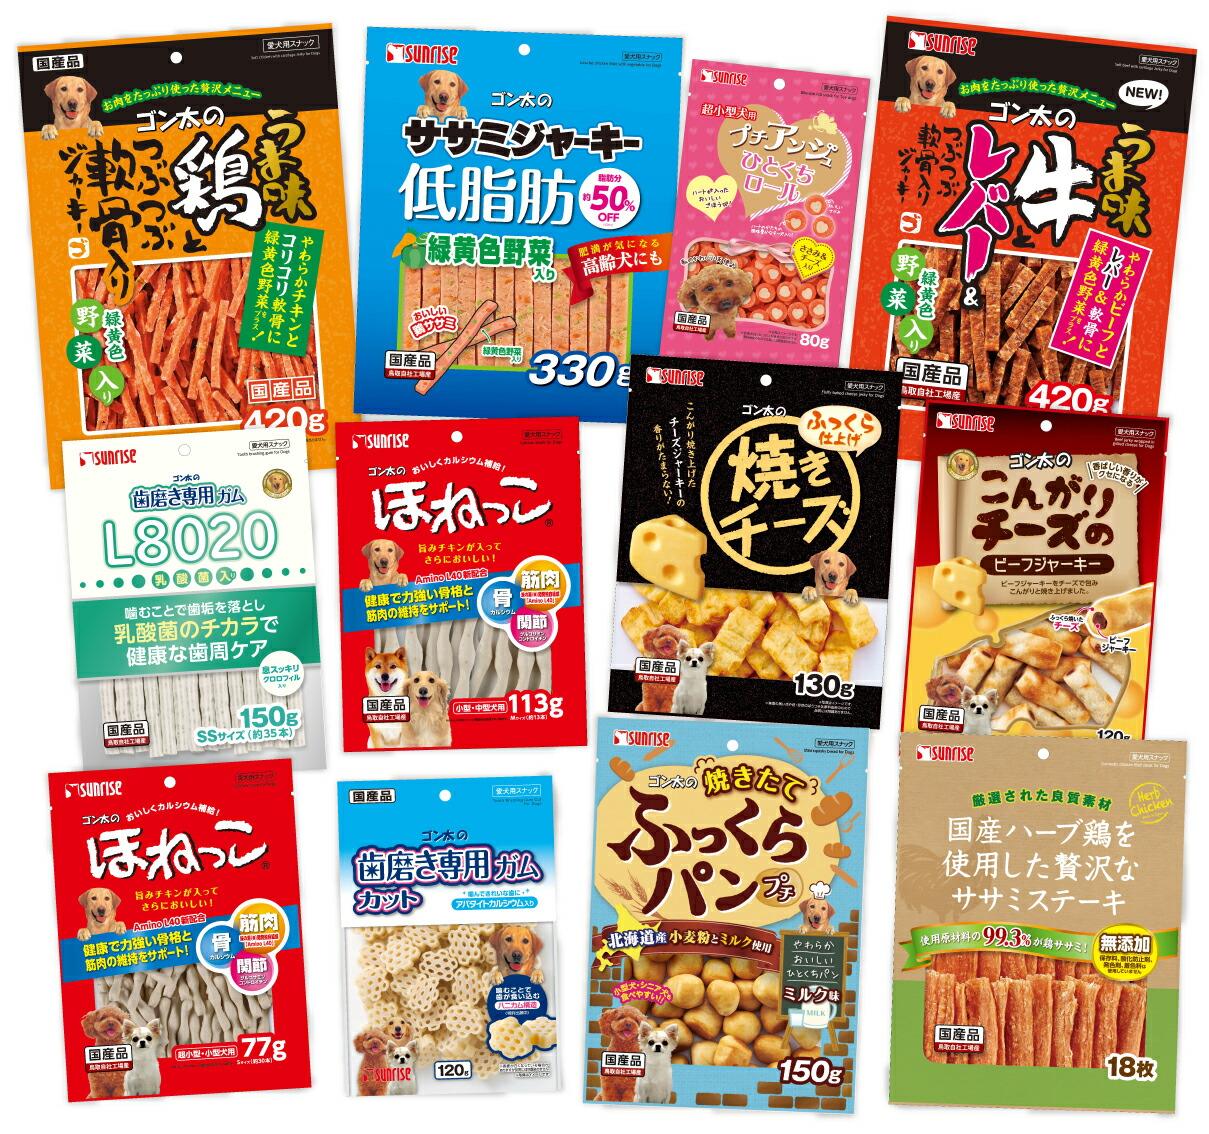 鳥取県鳥取市 【ふるさと納税】221 ゴン太の愛犬用おやつセット(2)